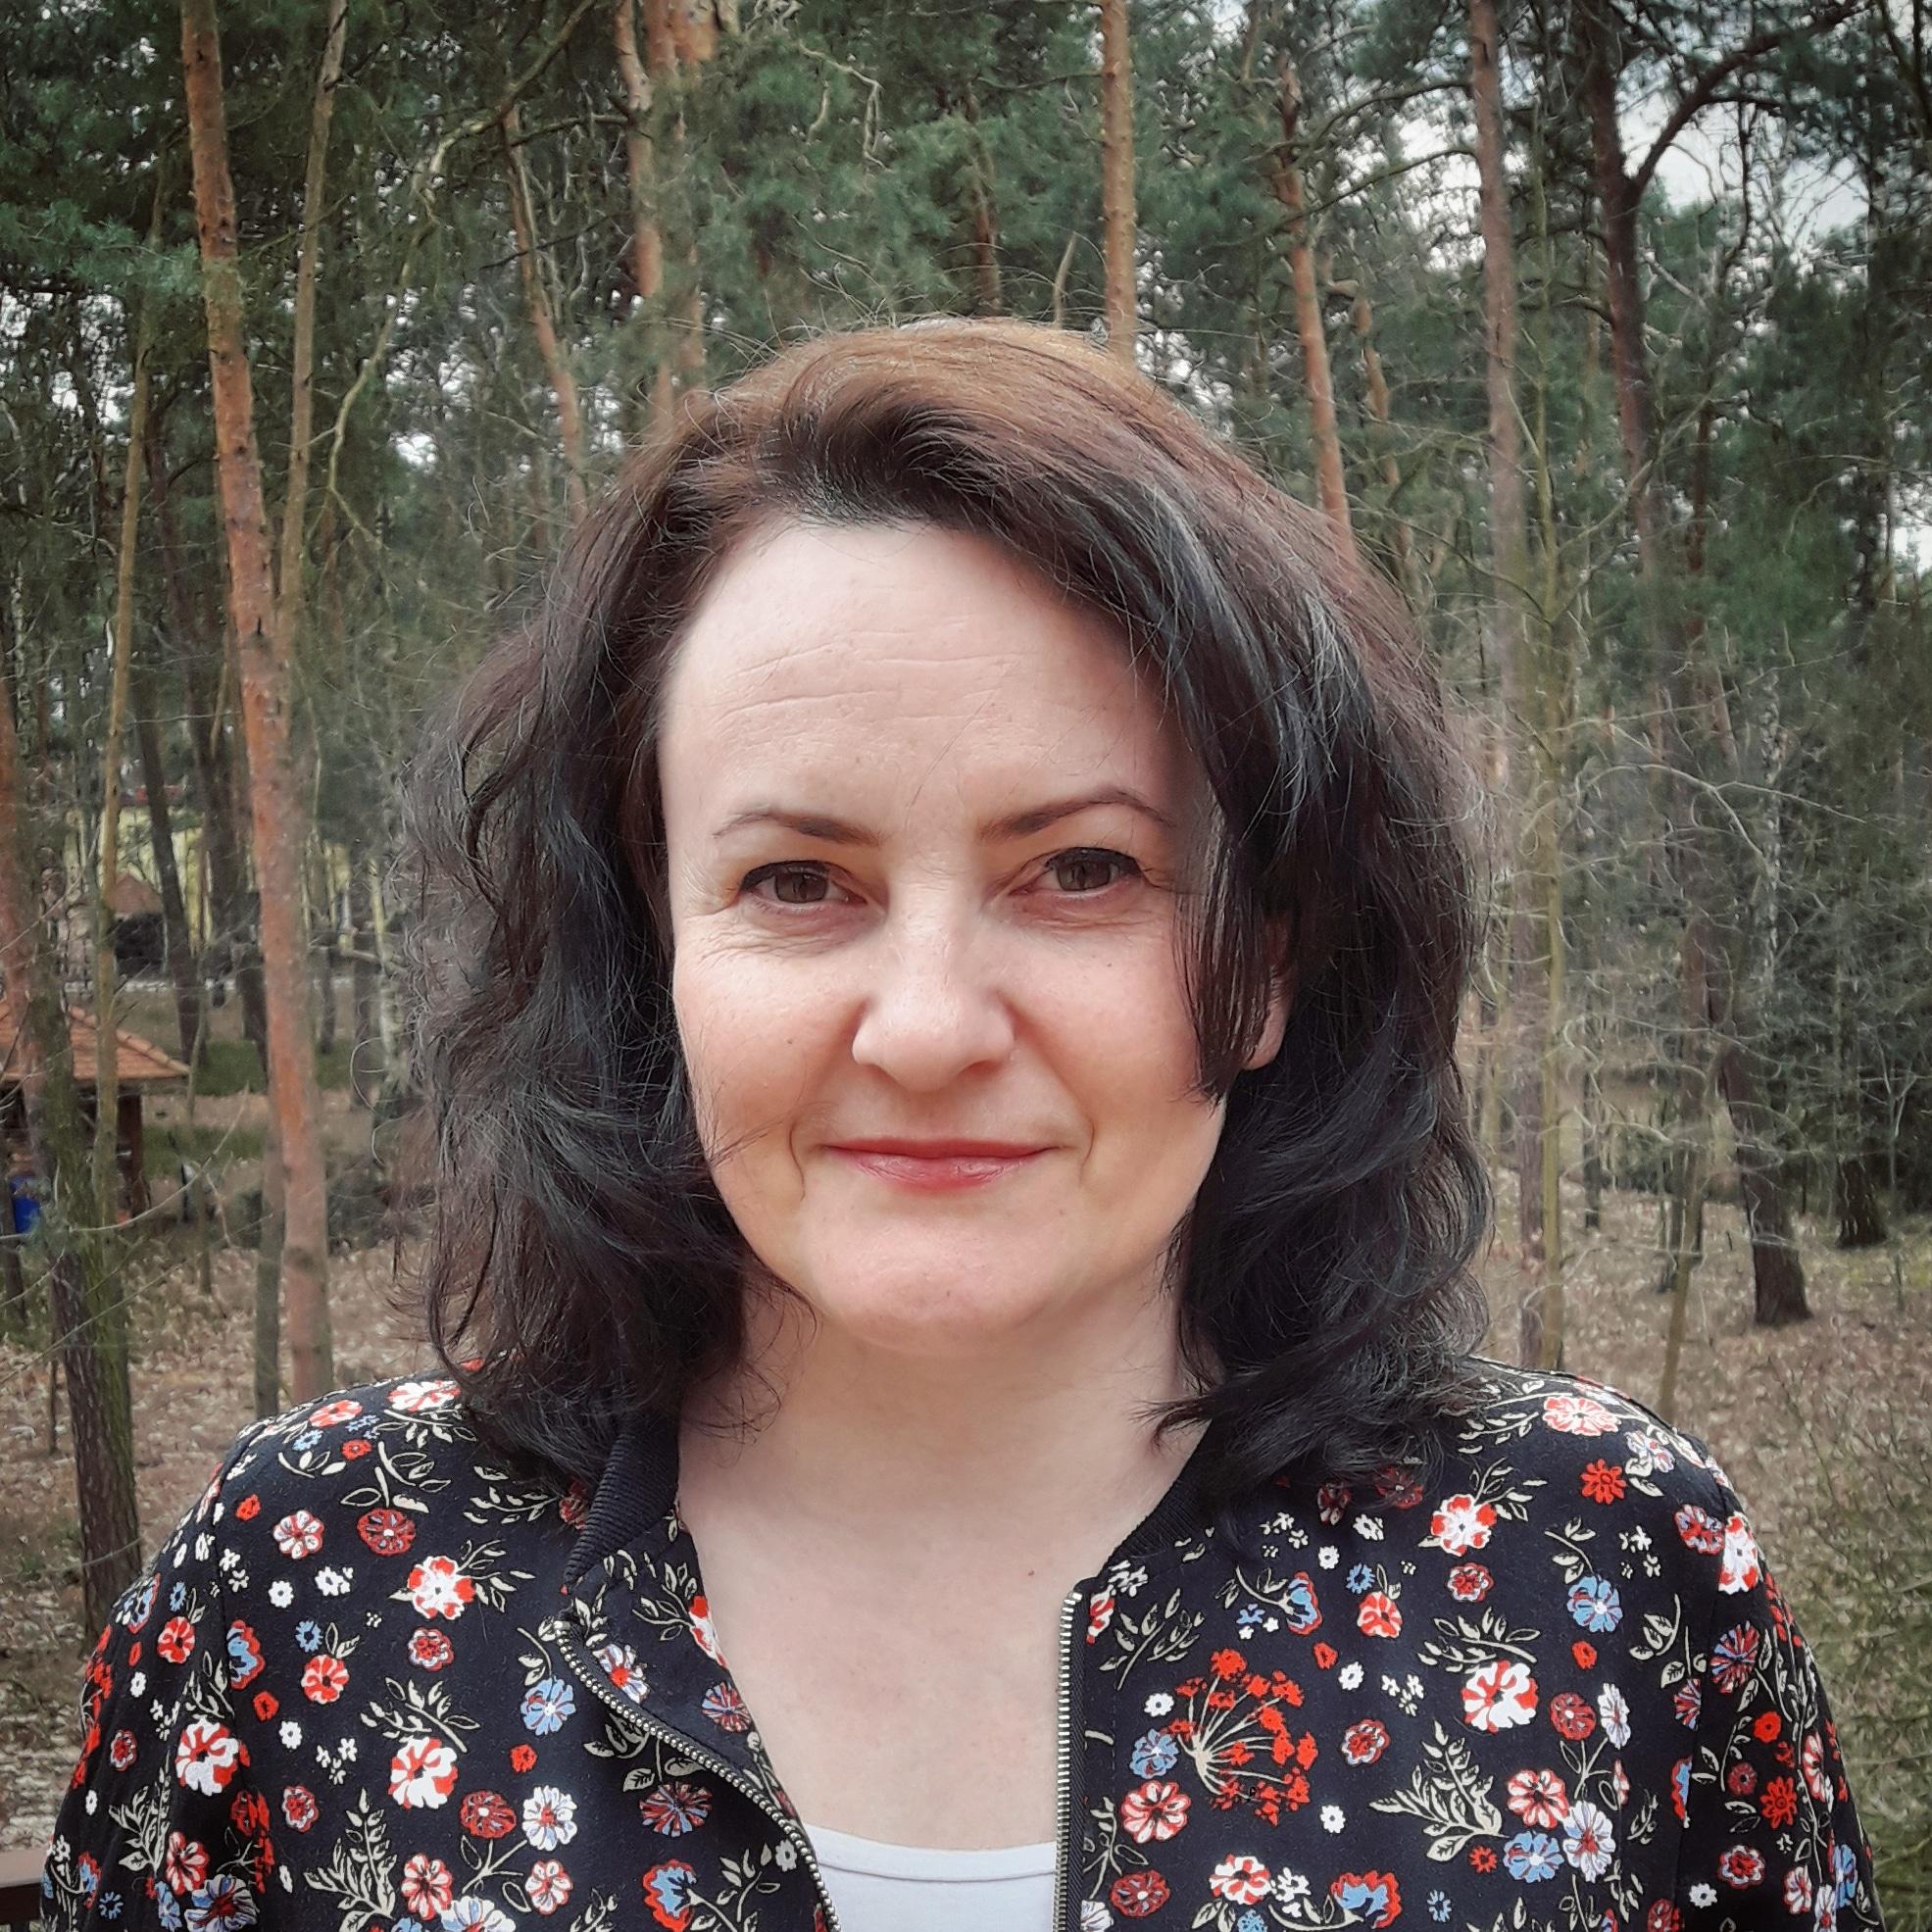 Joanna Zgarzańska